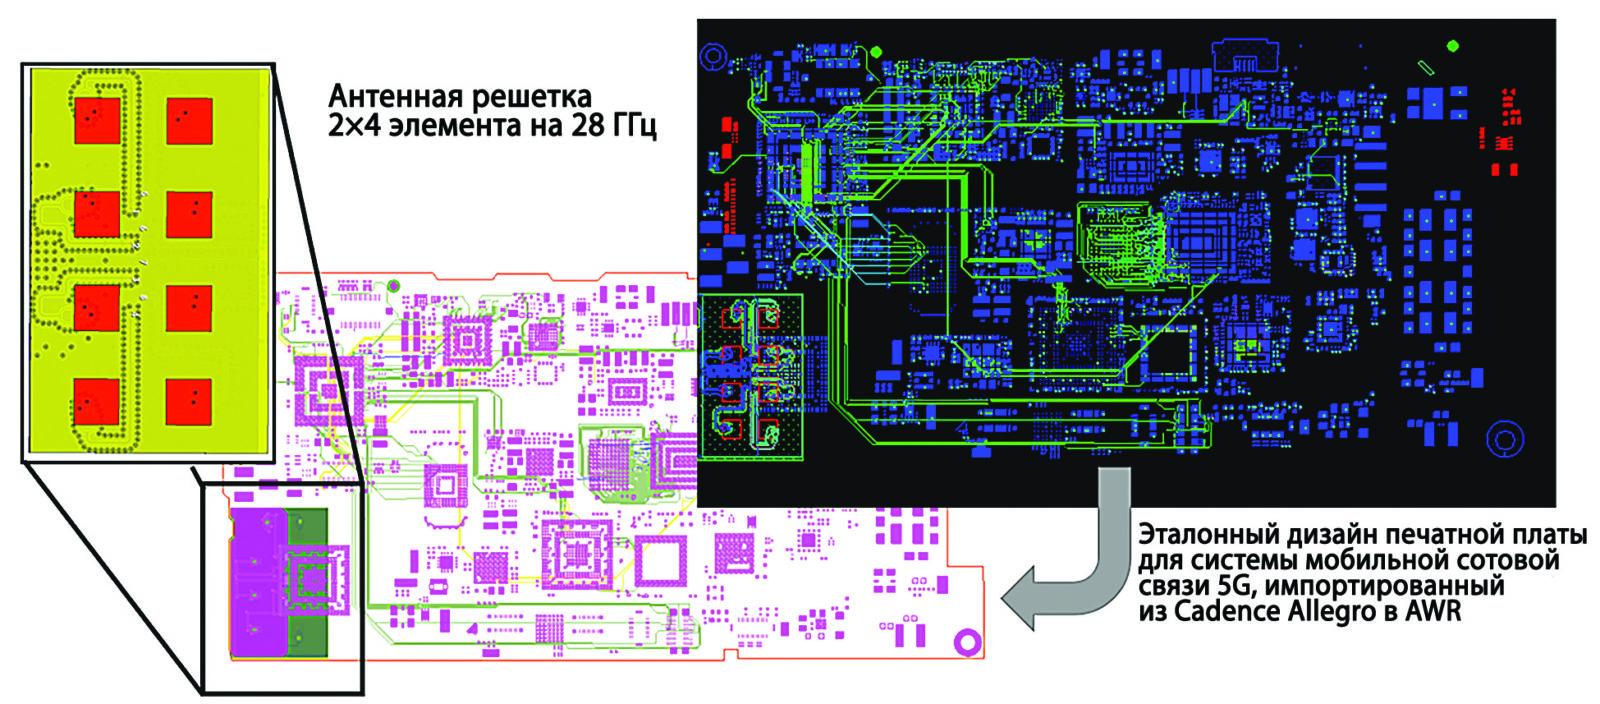 Пример анализа для печатной платы сотового телефона 5G, импортированной в среду AWR Design для ЭМ-анализа 8-элементной (2×4) антенной решетки и фидера